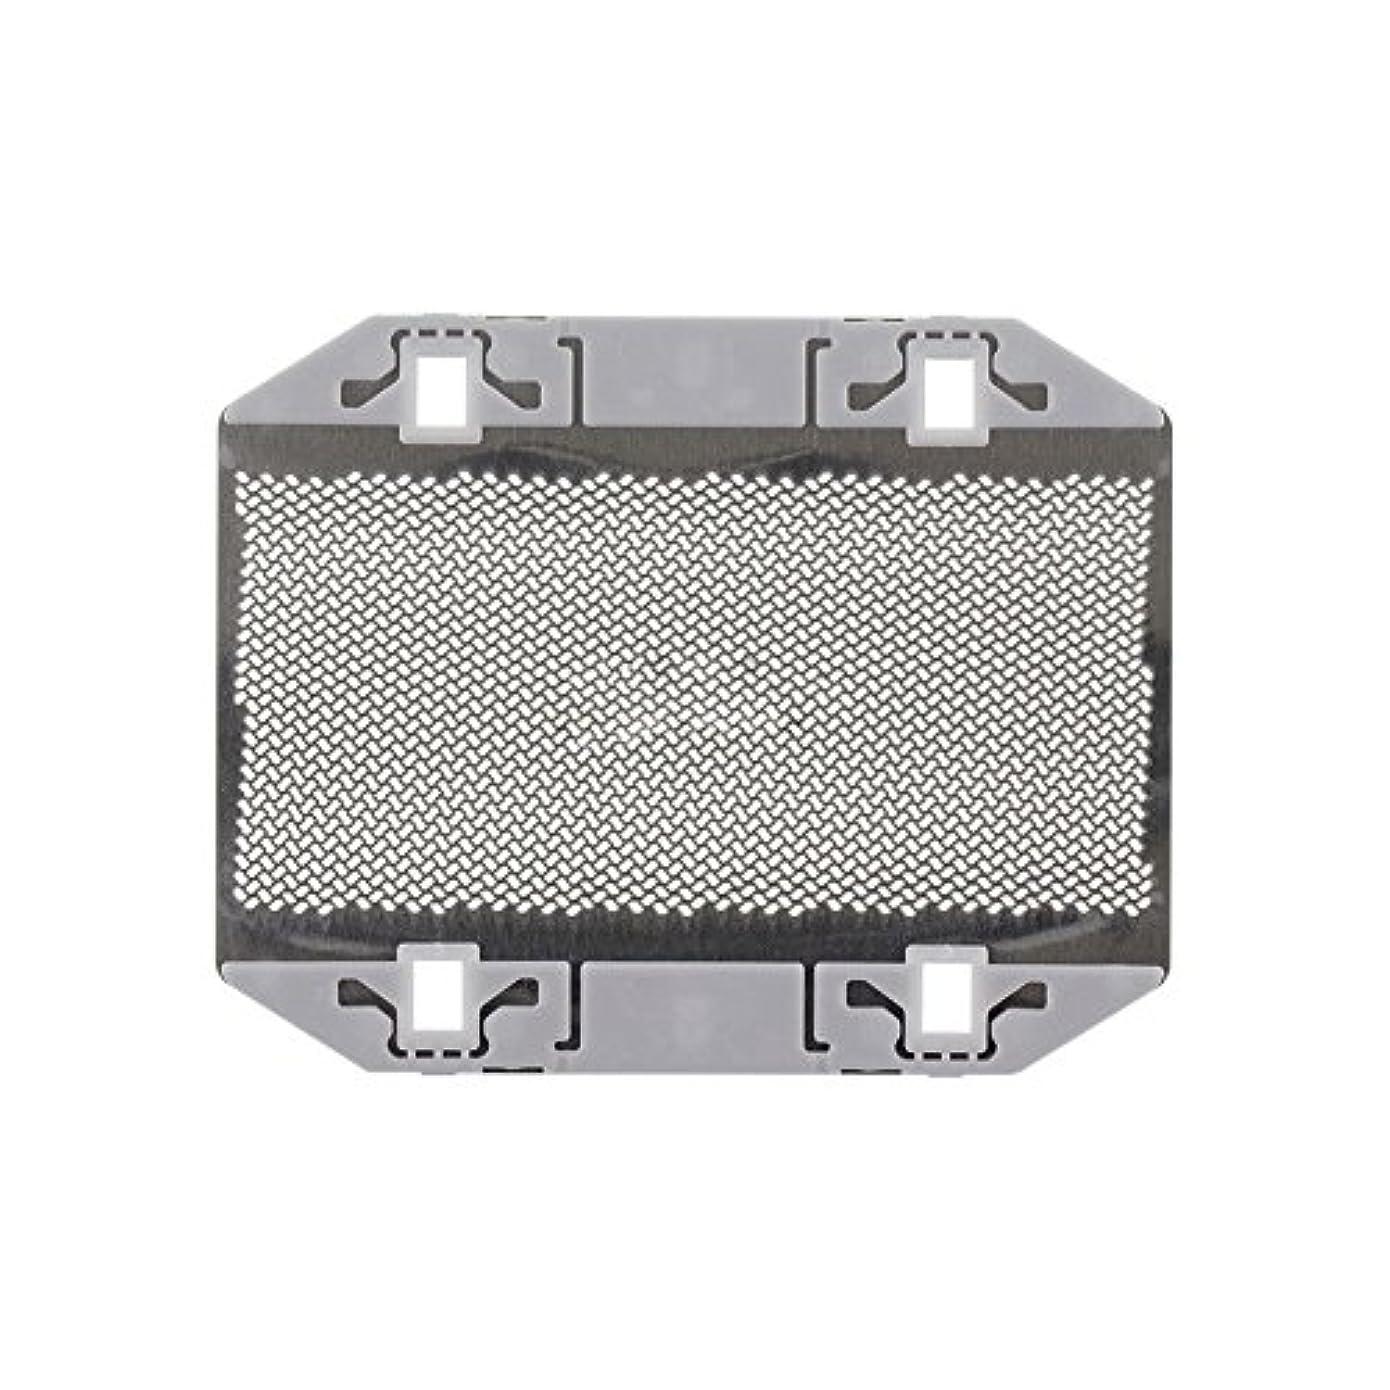 石のレザー適応するDeylaying シェーバー替刃 ロータリー式シェーバー パーツ 外刃 耐用 高質量 for Panasonic ES9943 ES3042 ES3801 ES3750 ES365 ES366